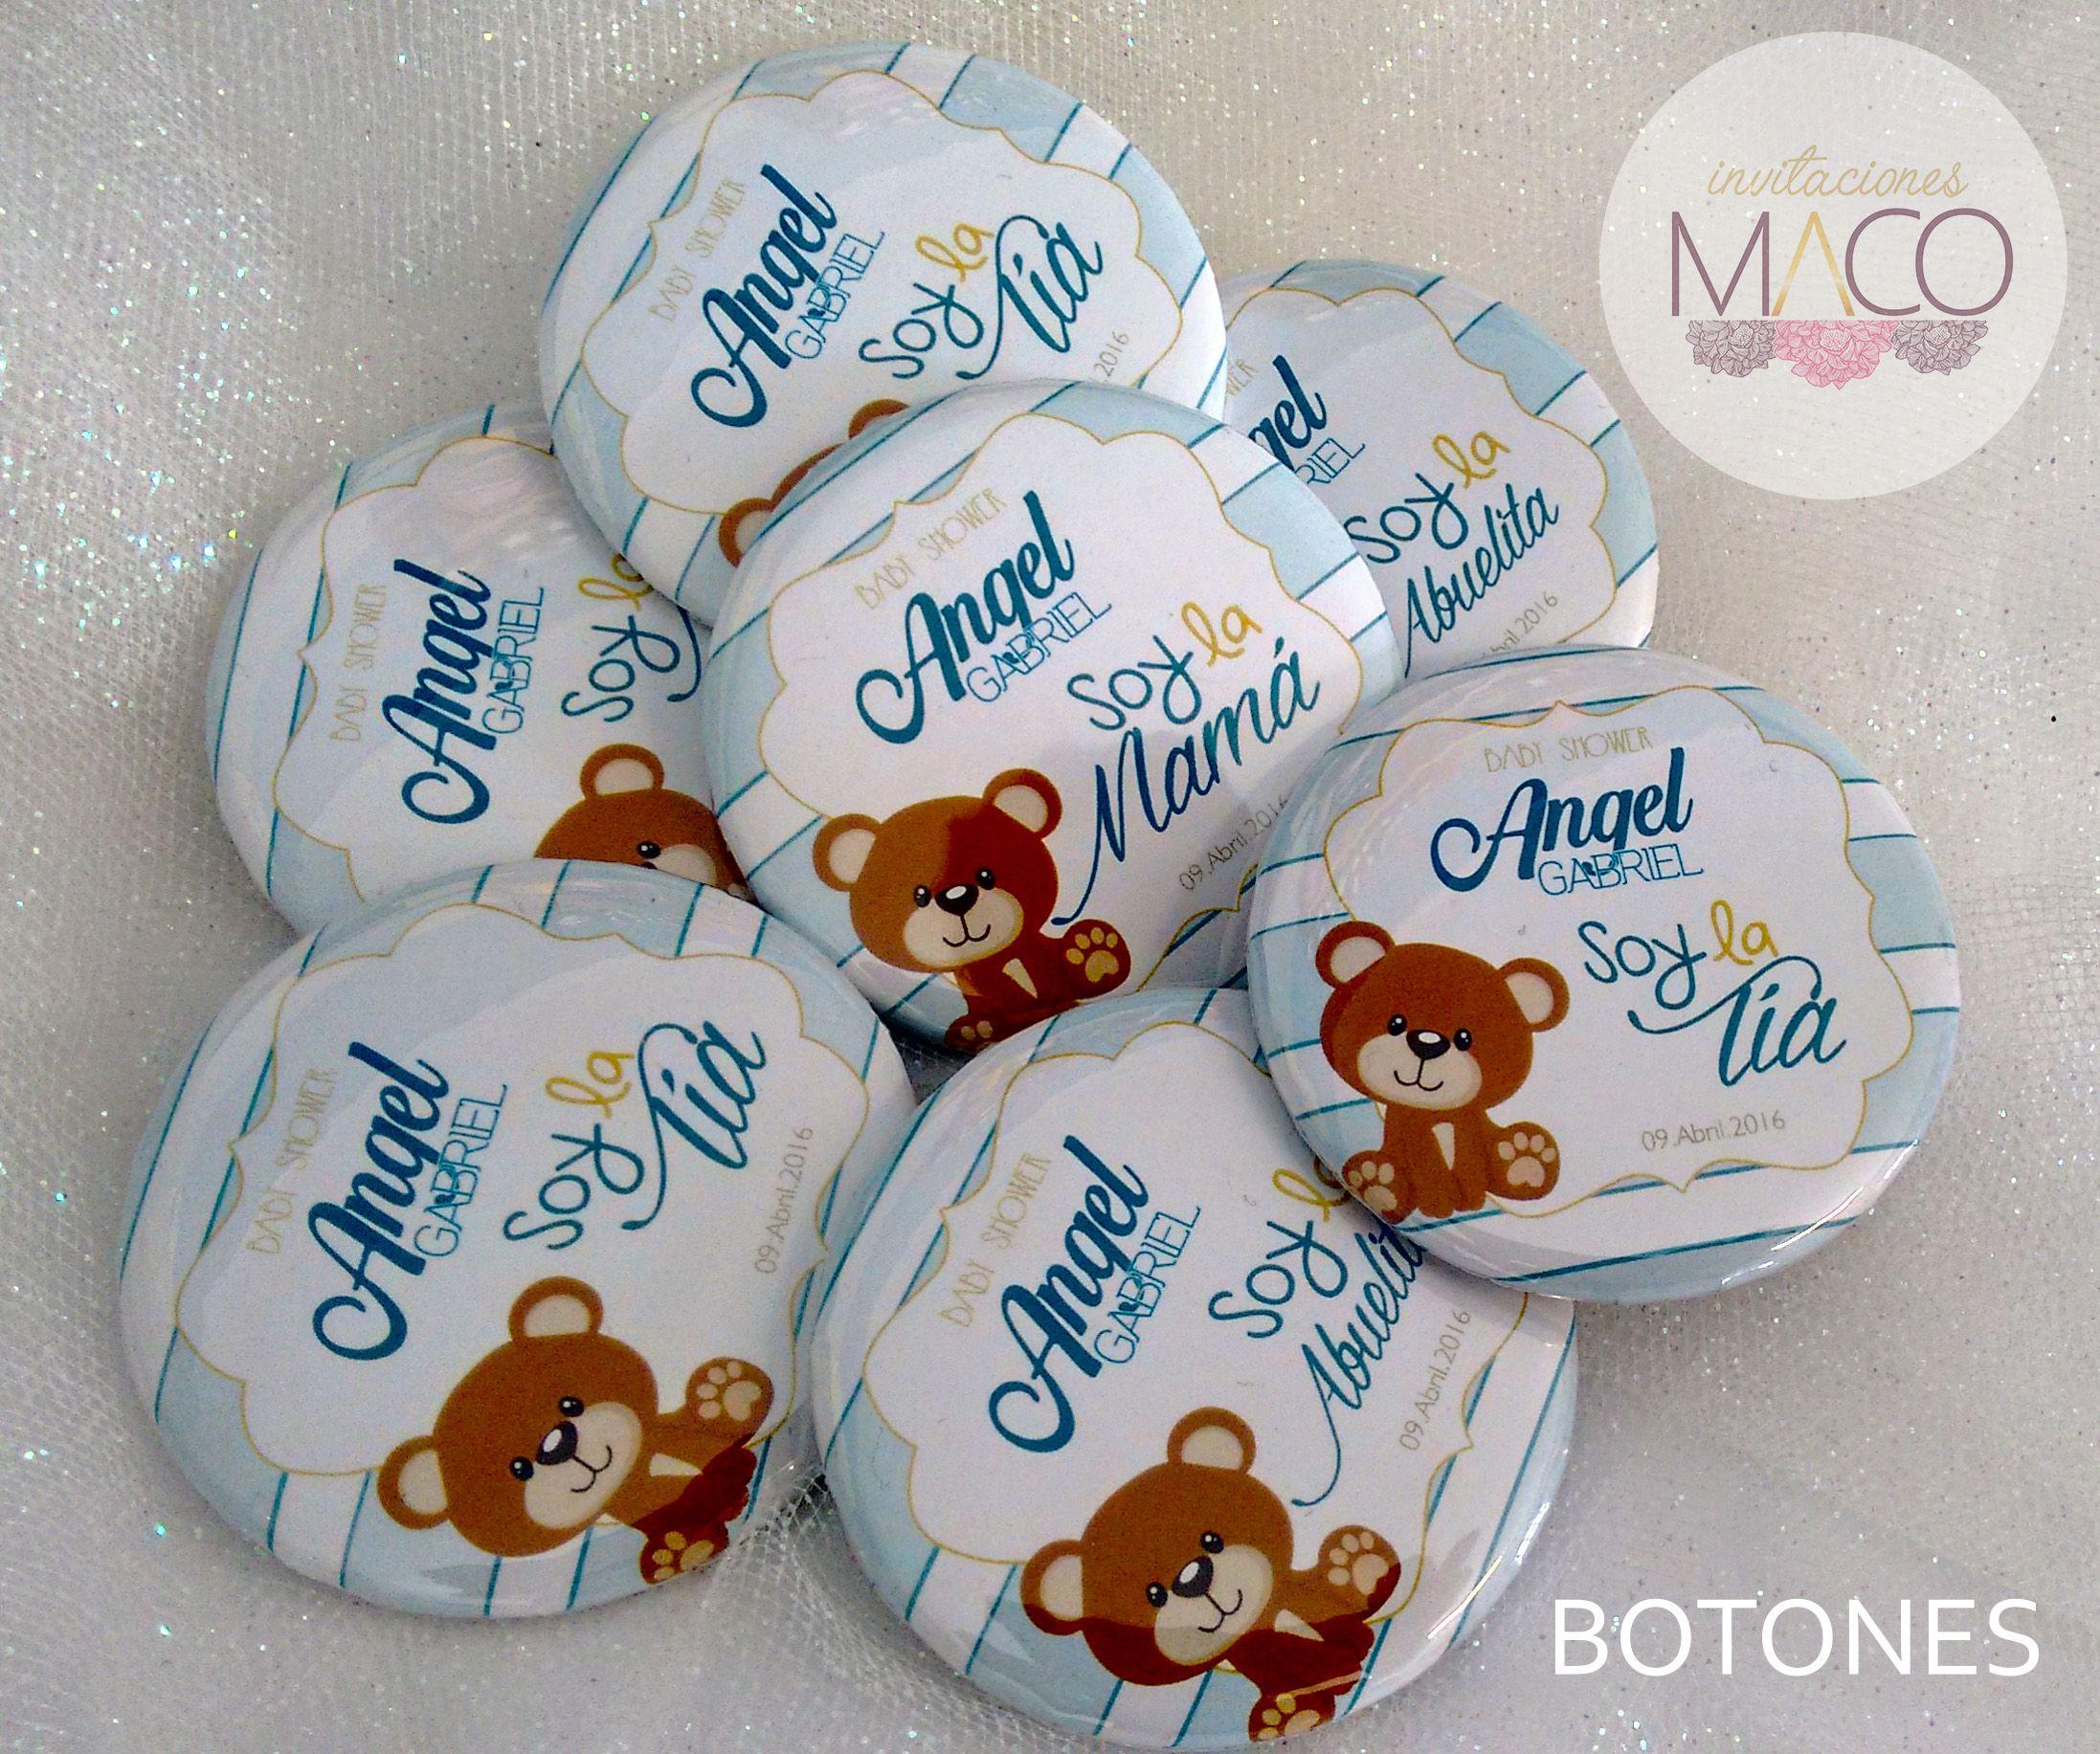 Baby Shower Distintivos ~ Botones distintivos con tema de ositos baby shower